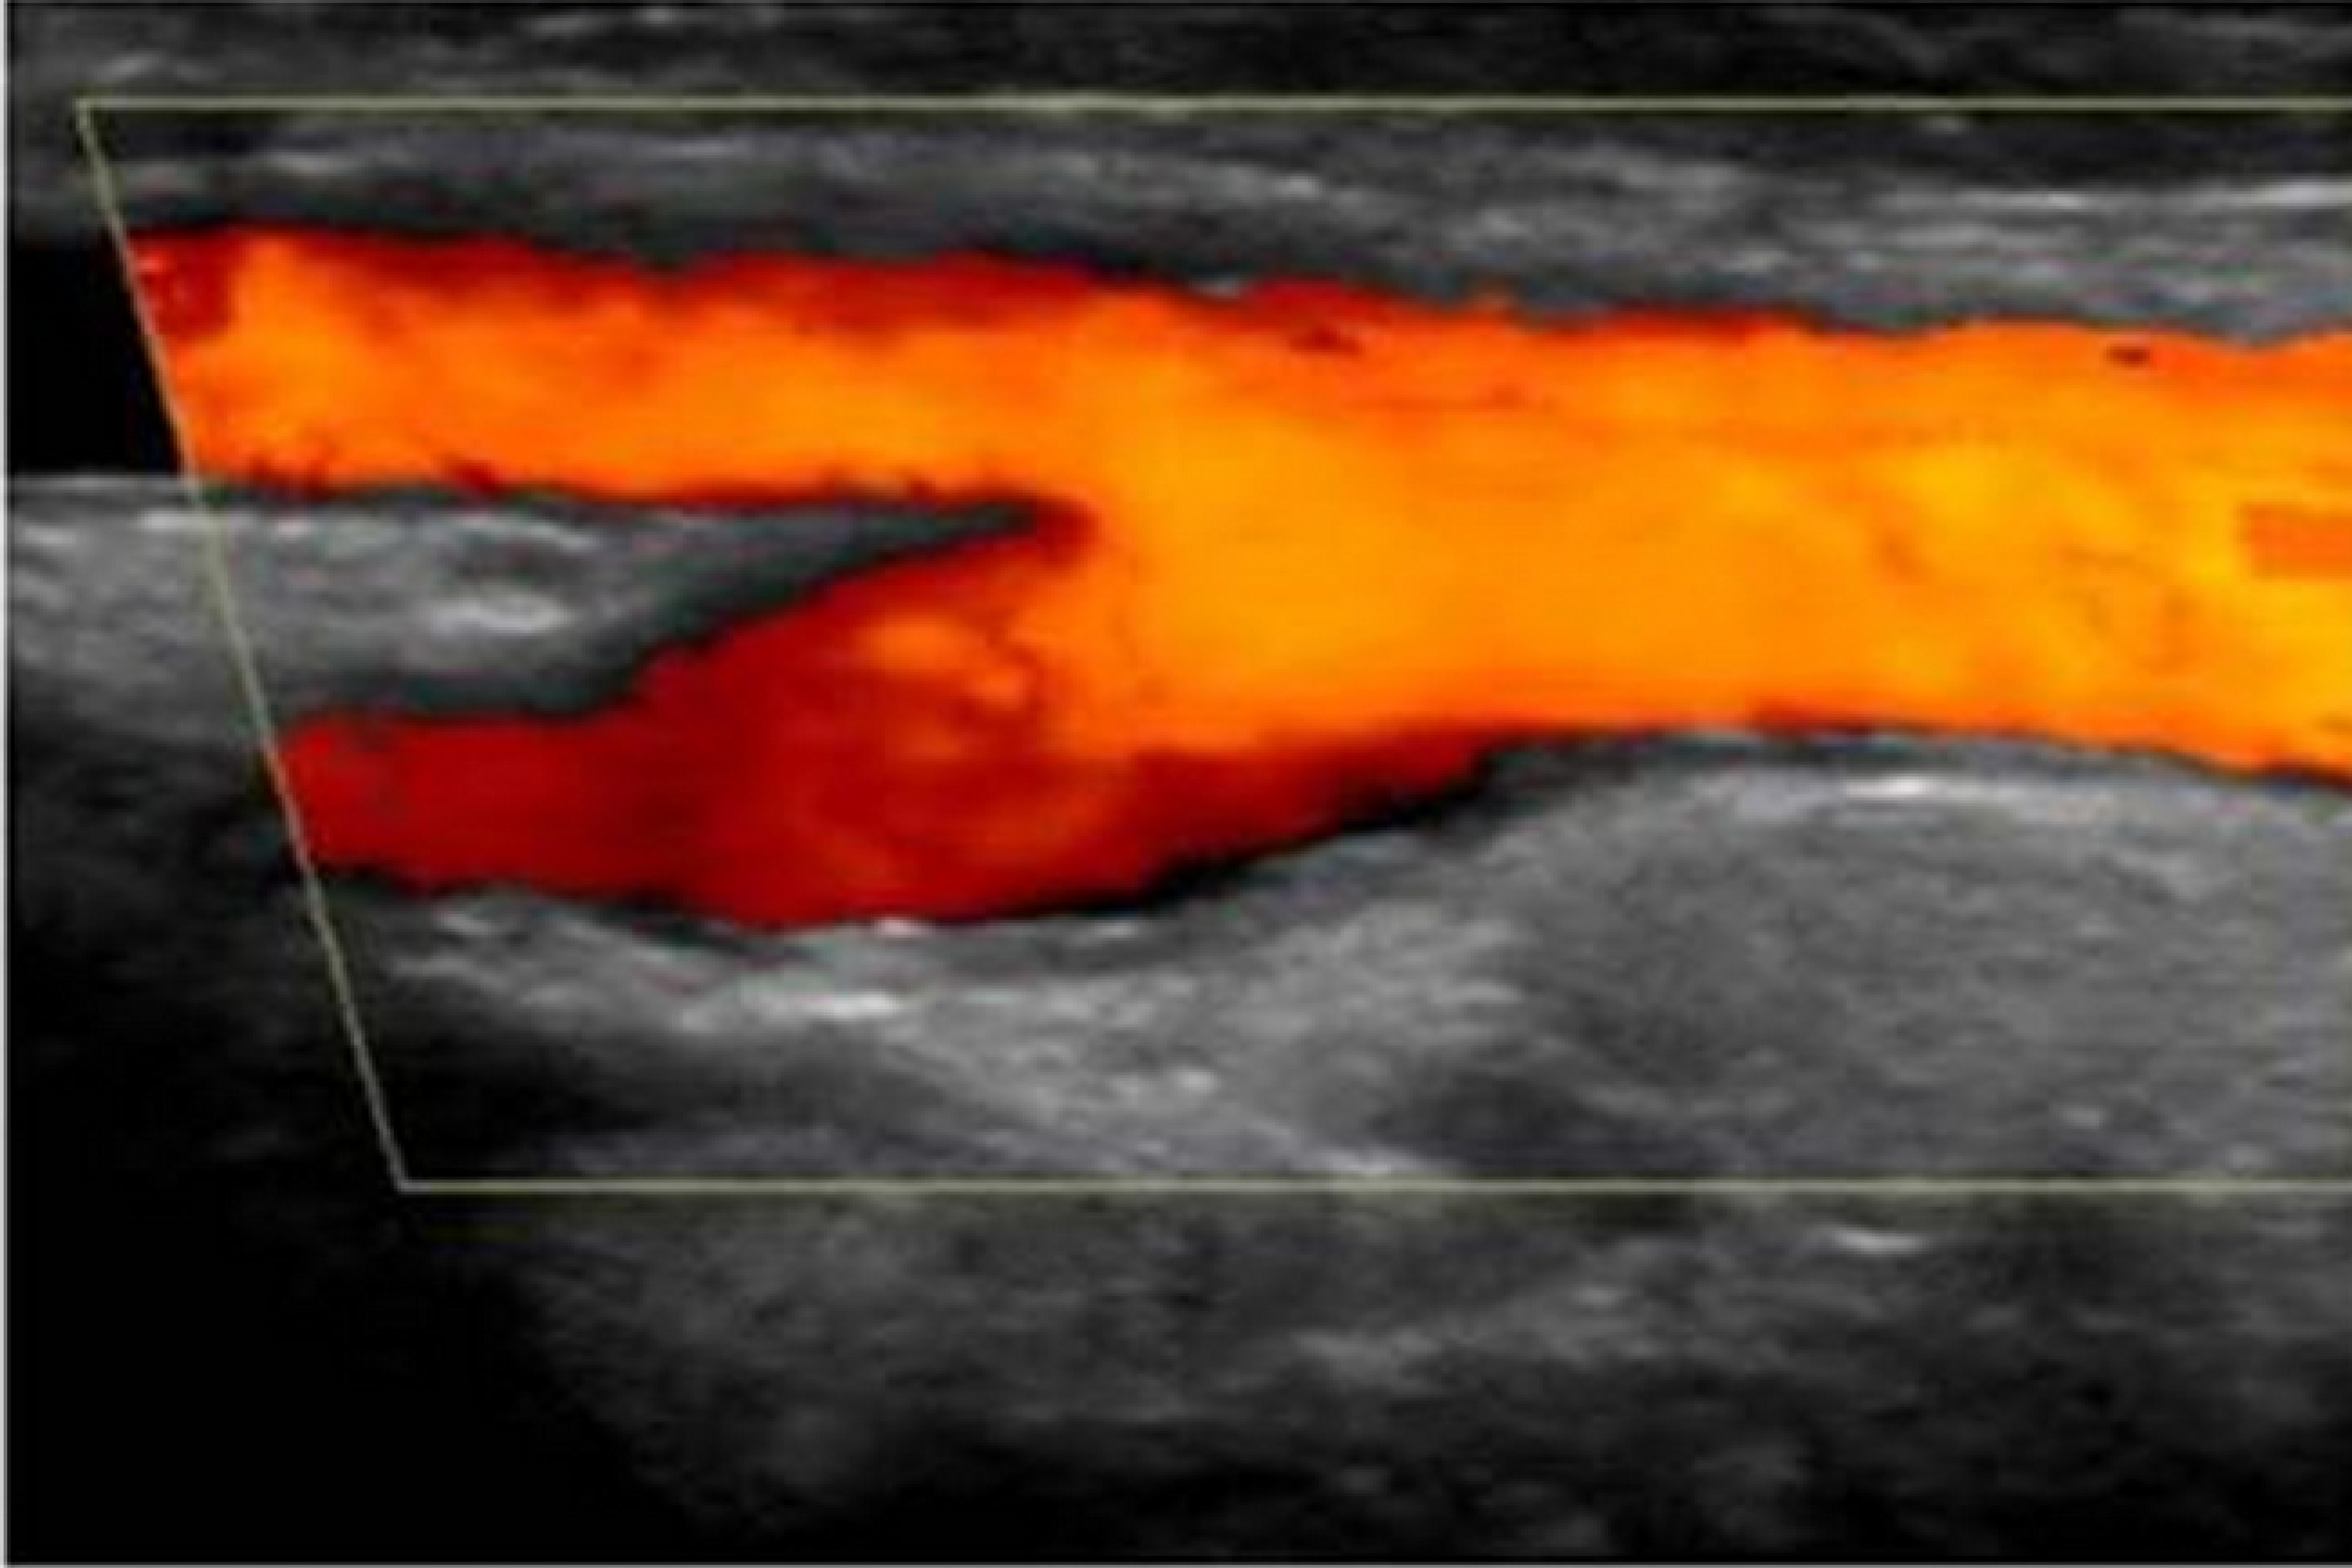 Anatomía vascular e iniciación al Doppler - Diplomadomedico.com